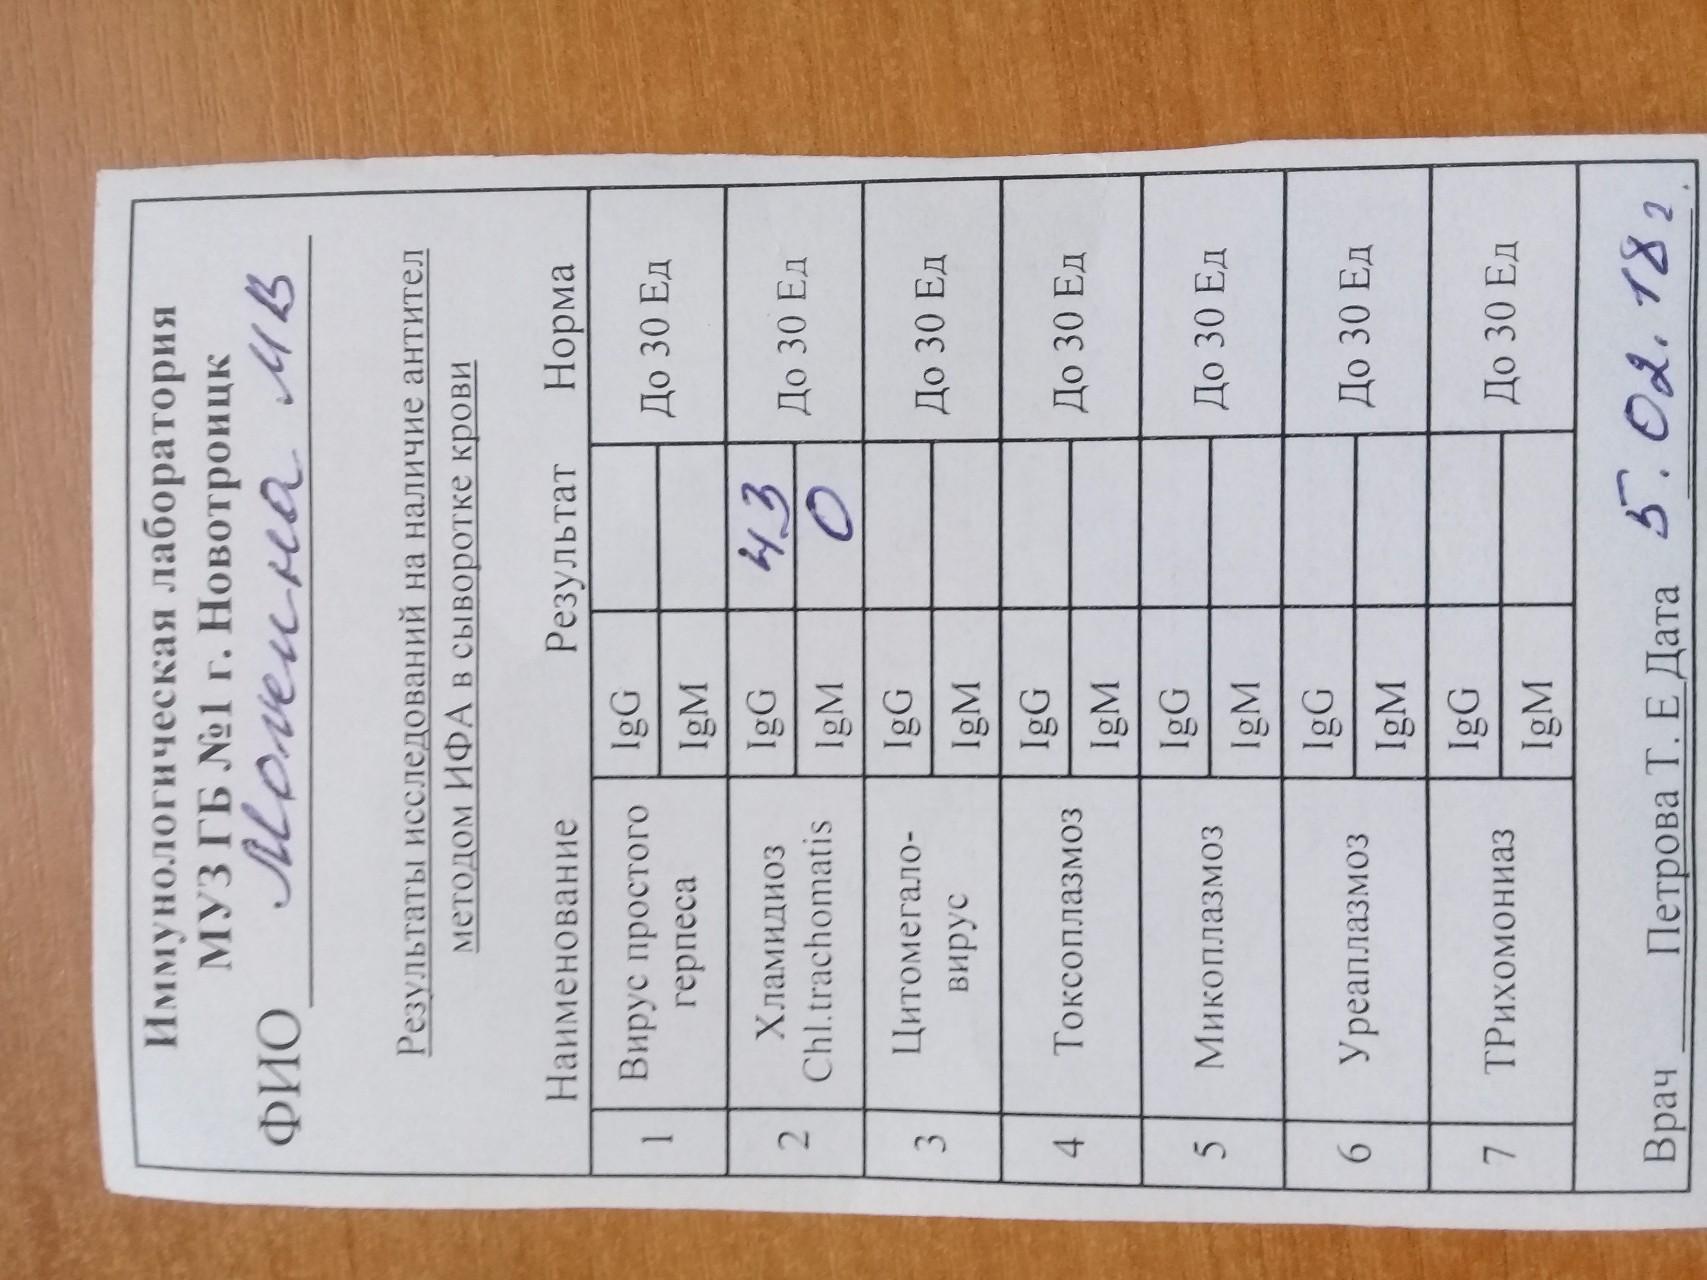 Таблица расшифровок норм анализа крови ифа